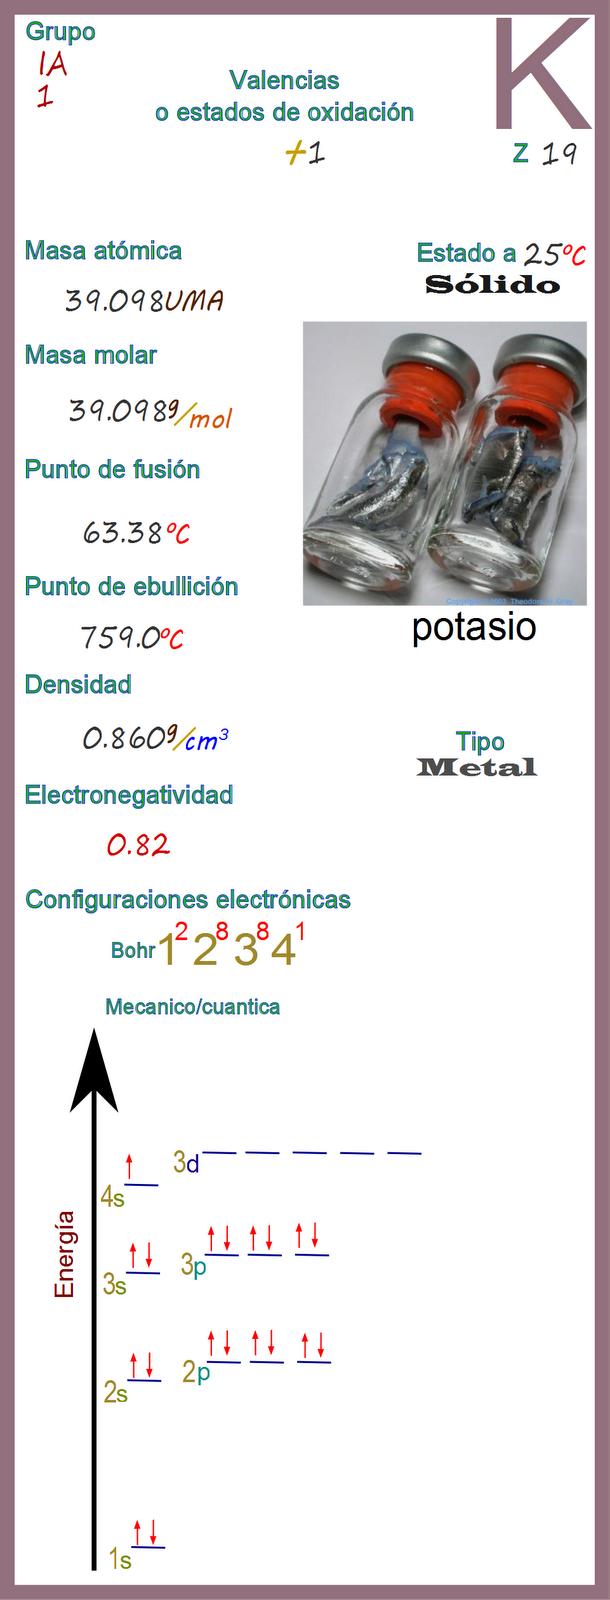 Ciencias de Joseleg: Propiedades periódicas del potasio